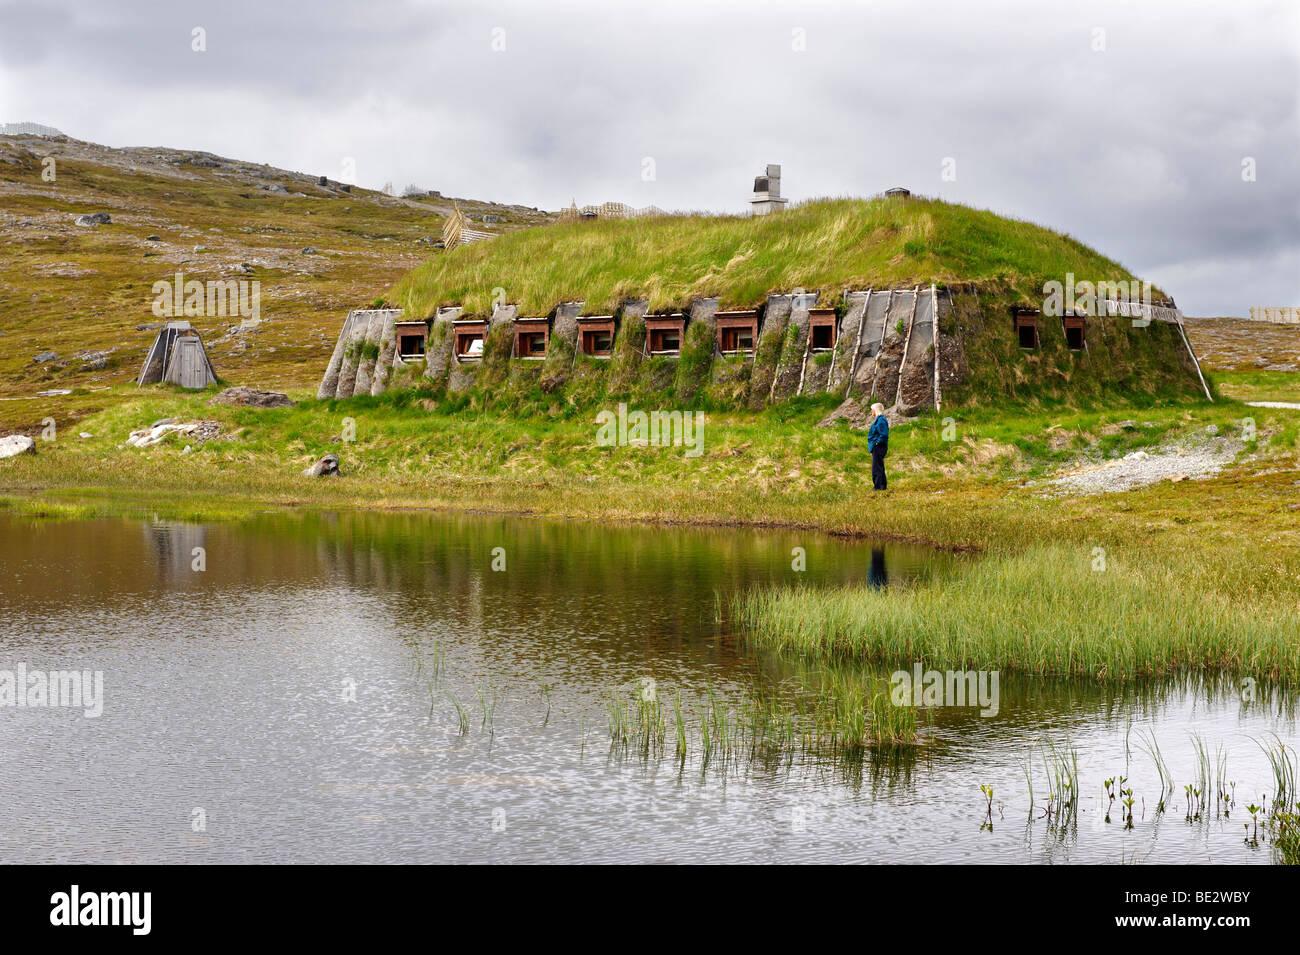 Messa a terra coperta lodge di una famiglia della popolazione Sami, Hammerfest, Norvegia, Scandinavia, Europa Immagini Stock